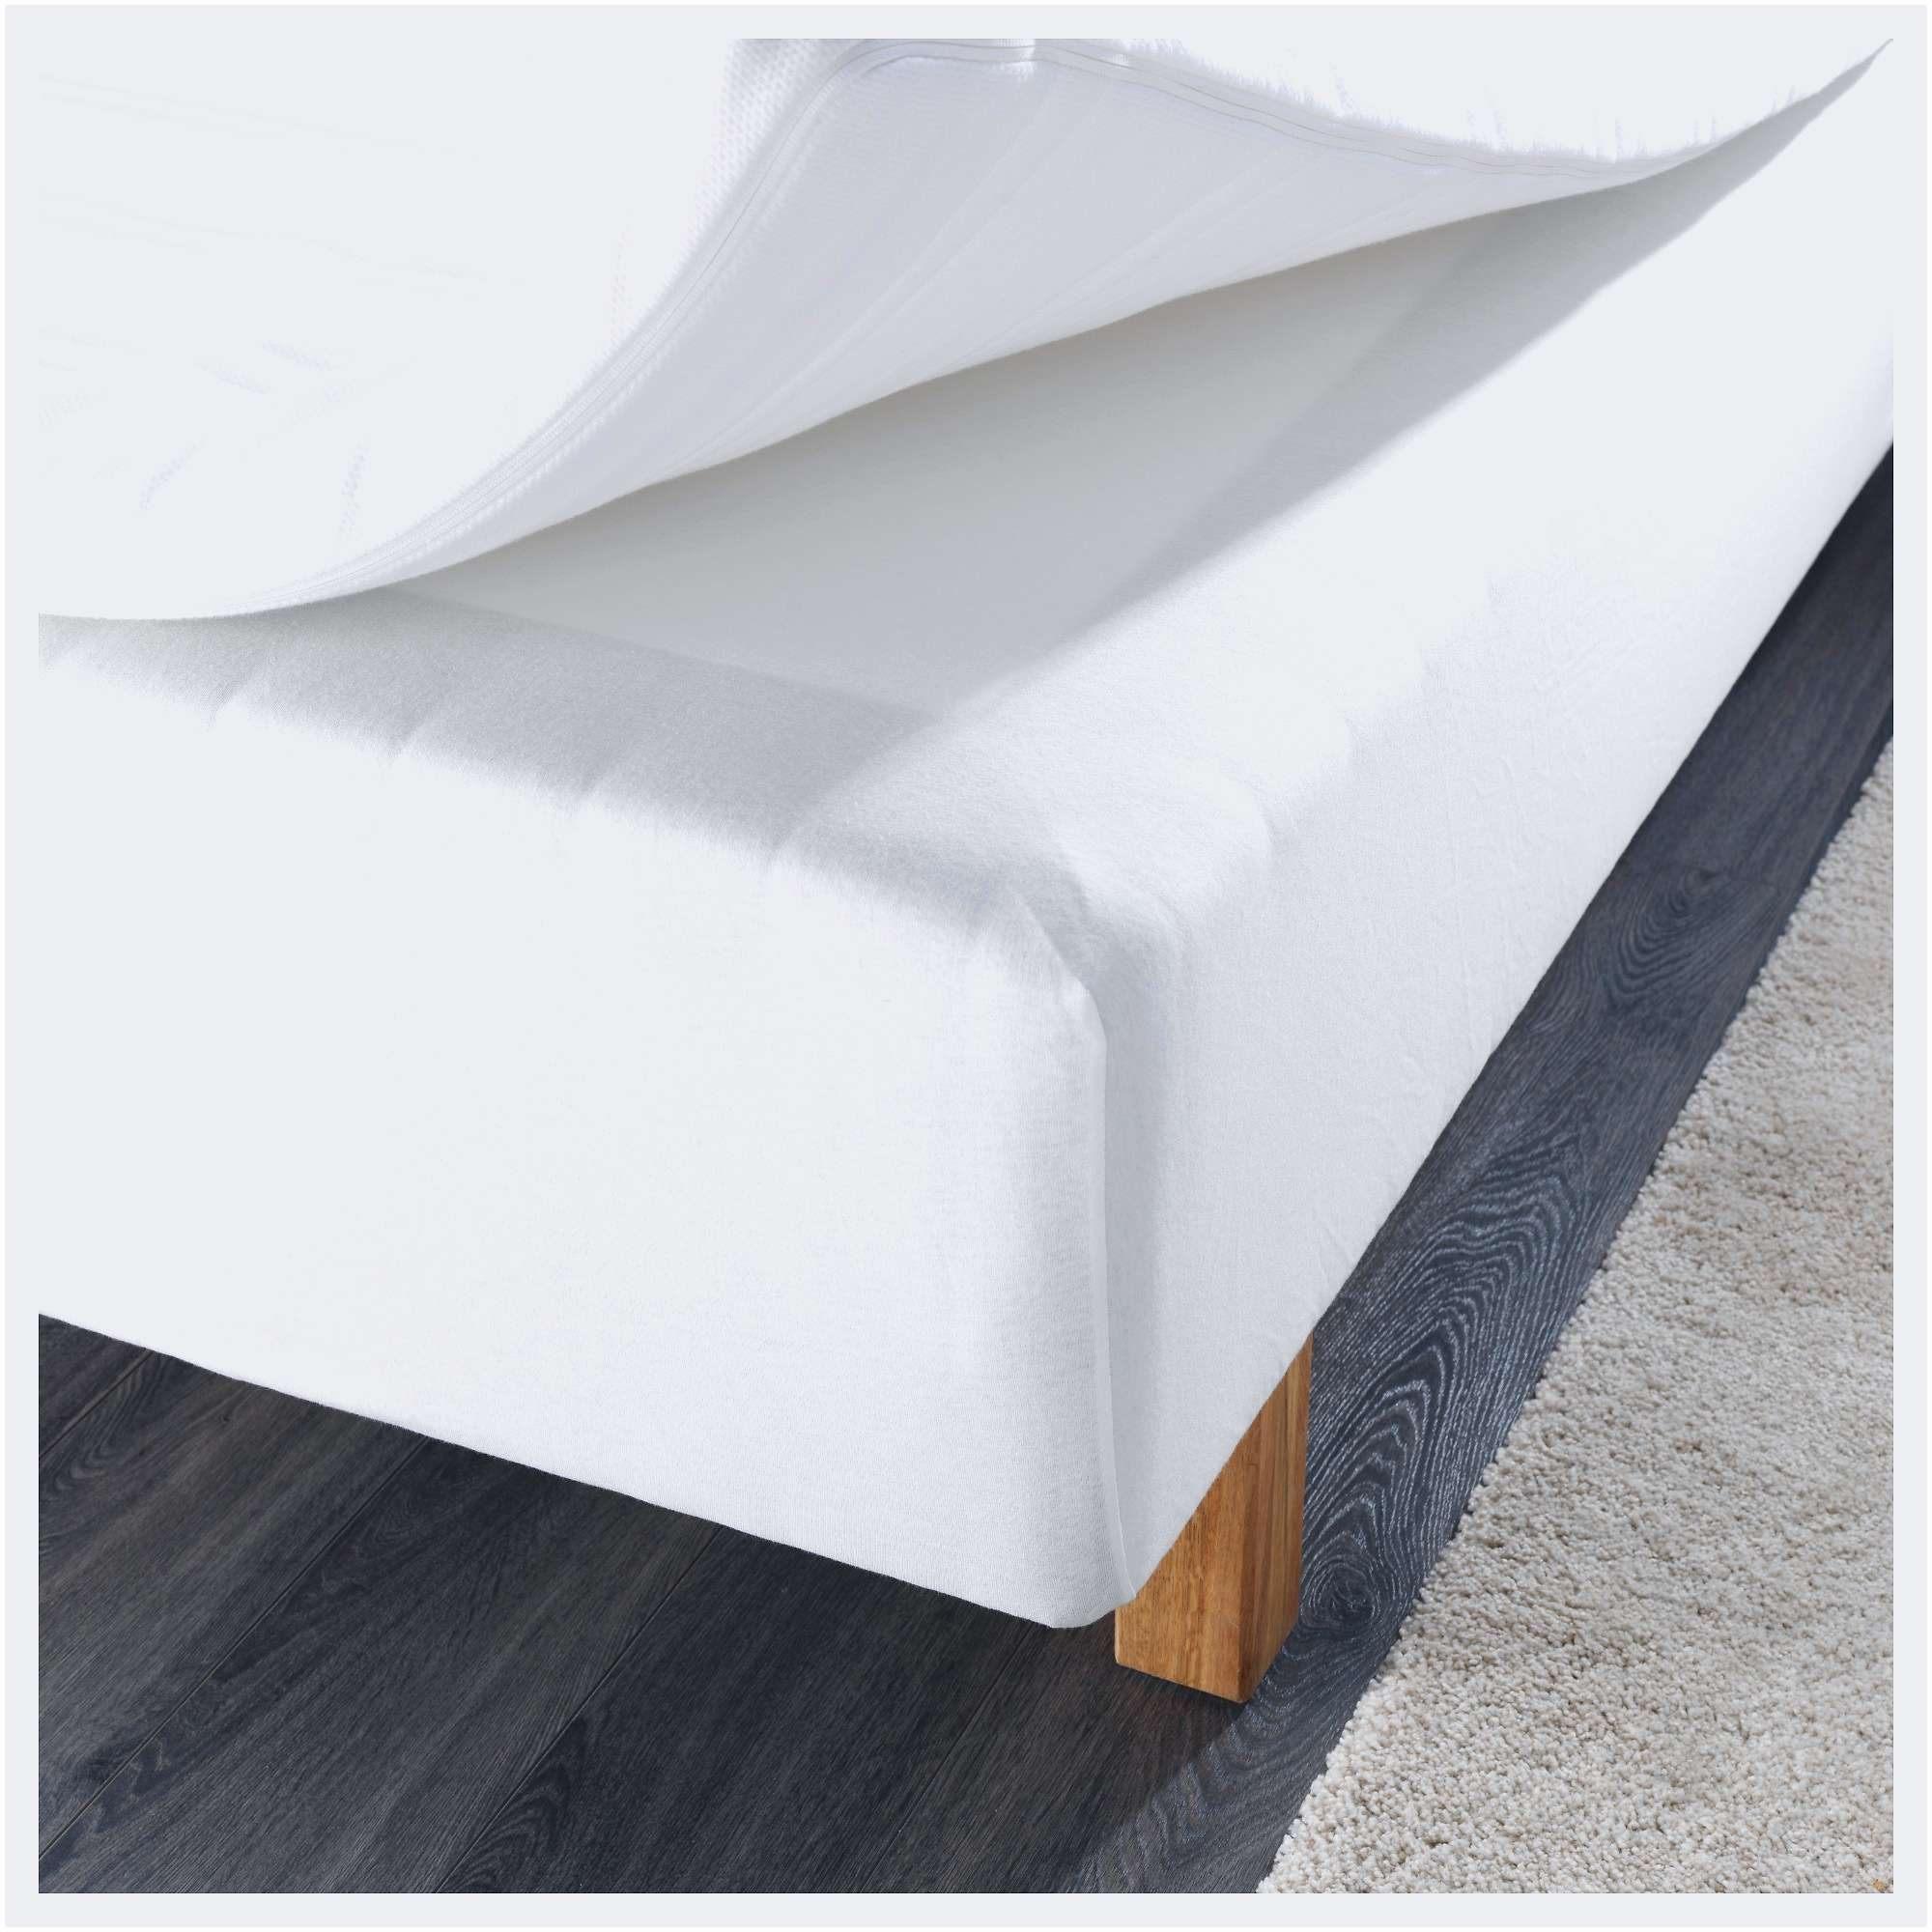 Tissu Pour Tete De Lit Luxe Beau Cdiscount Matelas sommier Frais S sommier Ikea 140 élégant Ikea